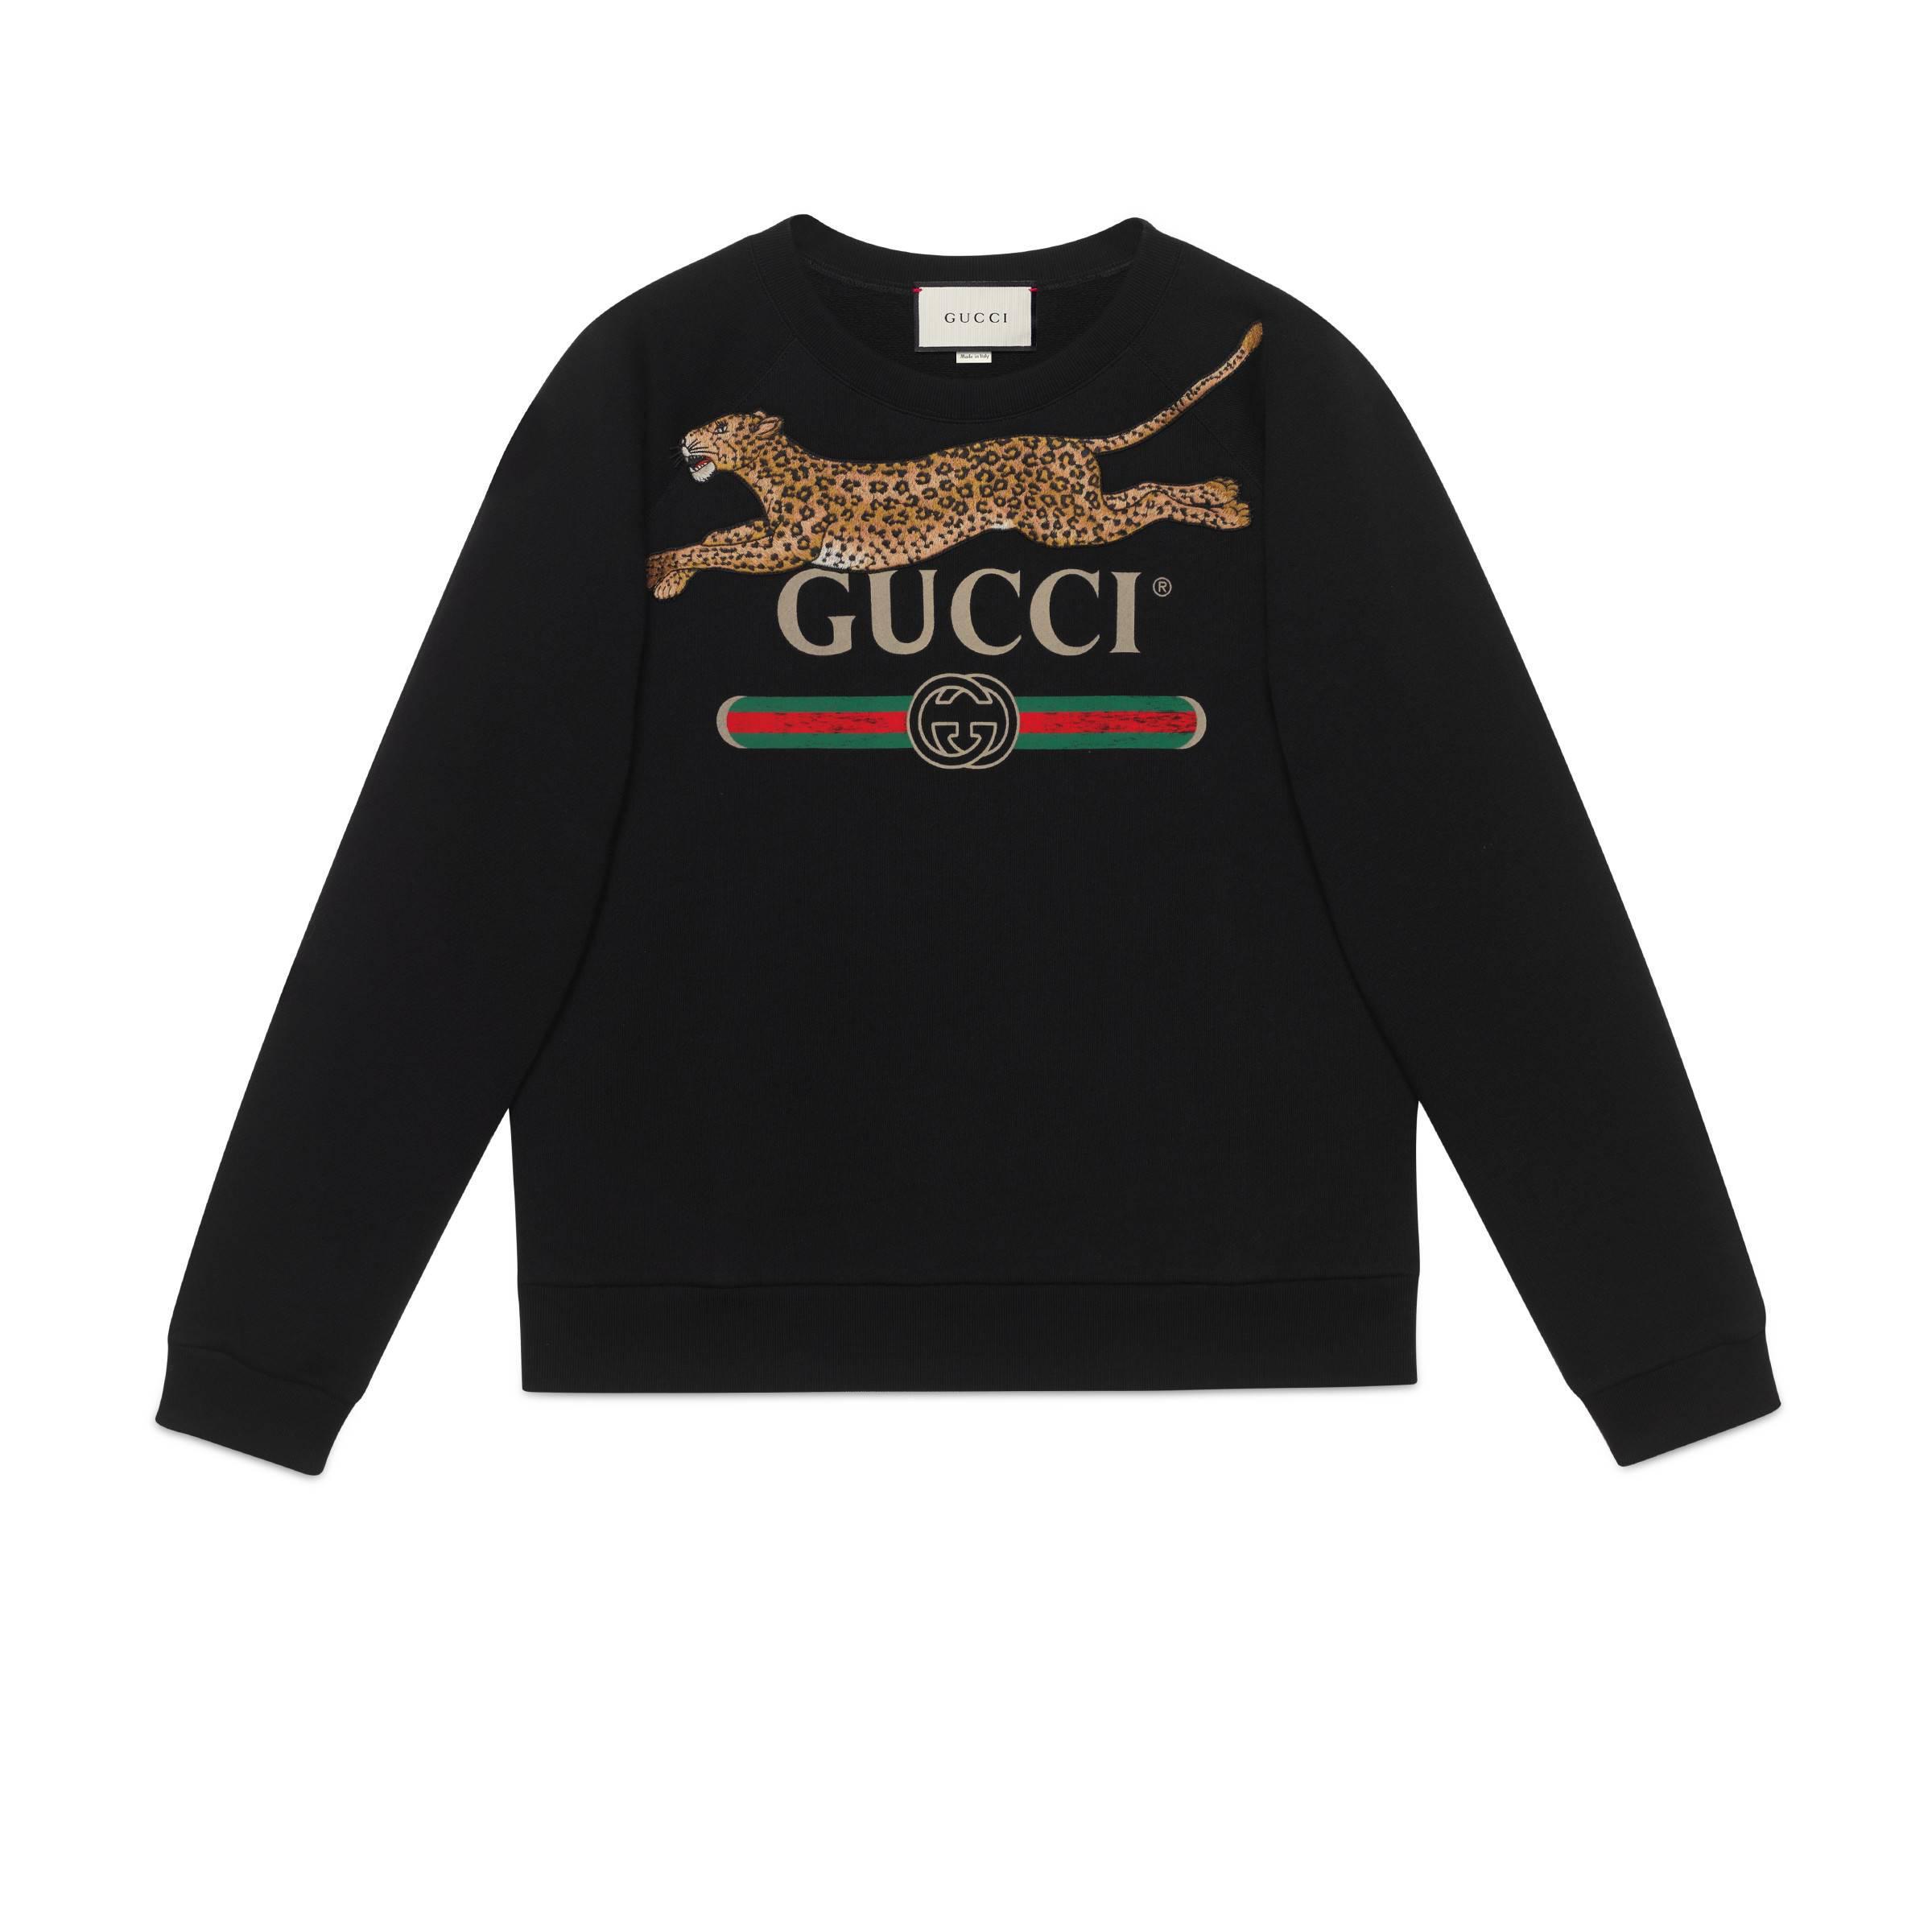 f0a4da60 Gucci Logo Sweatshirt With Leopard in Black for Men - Lyst